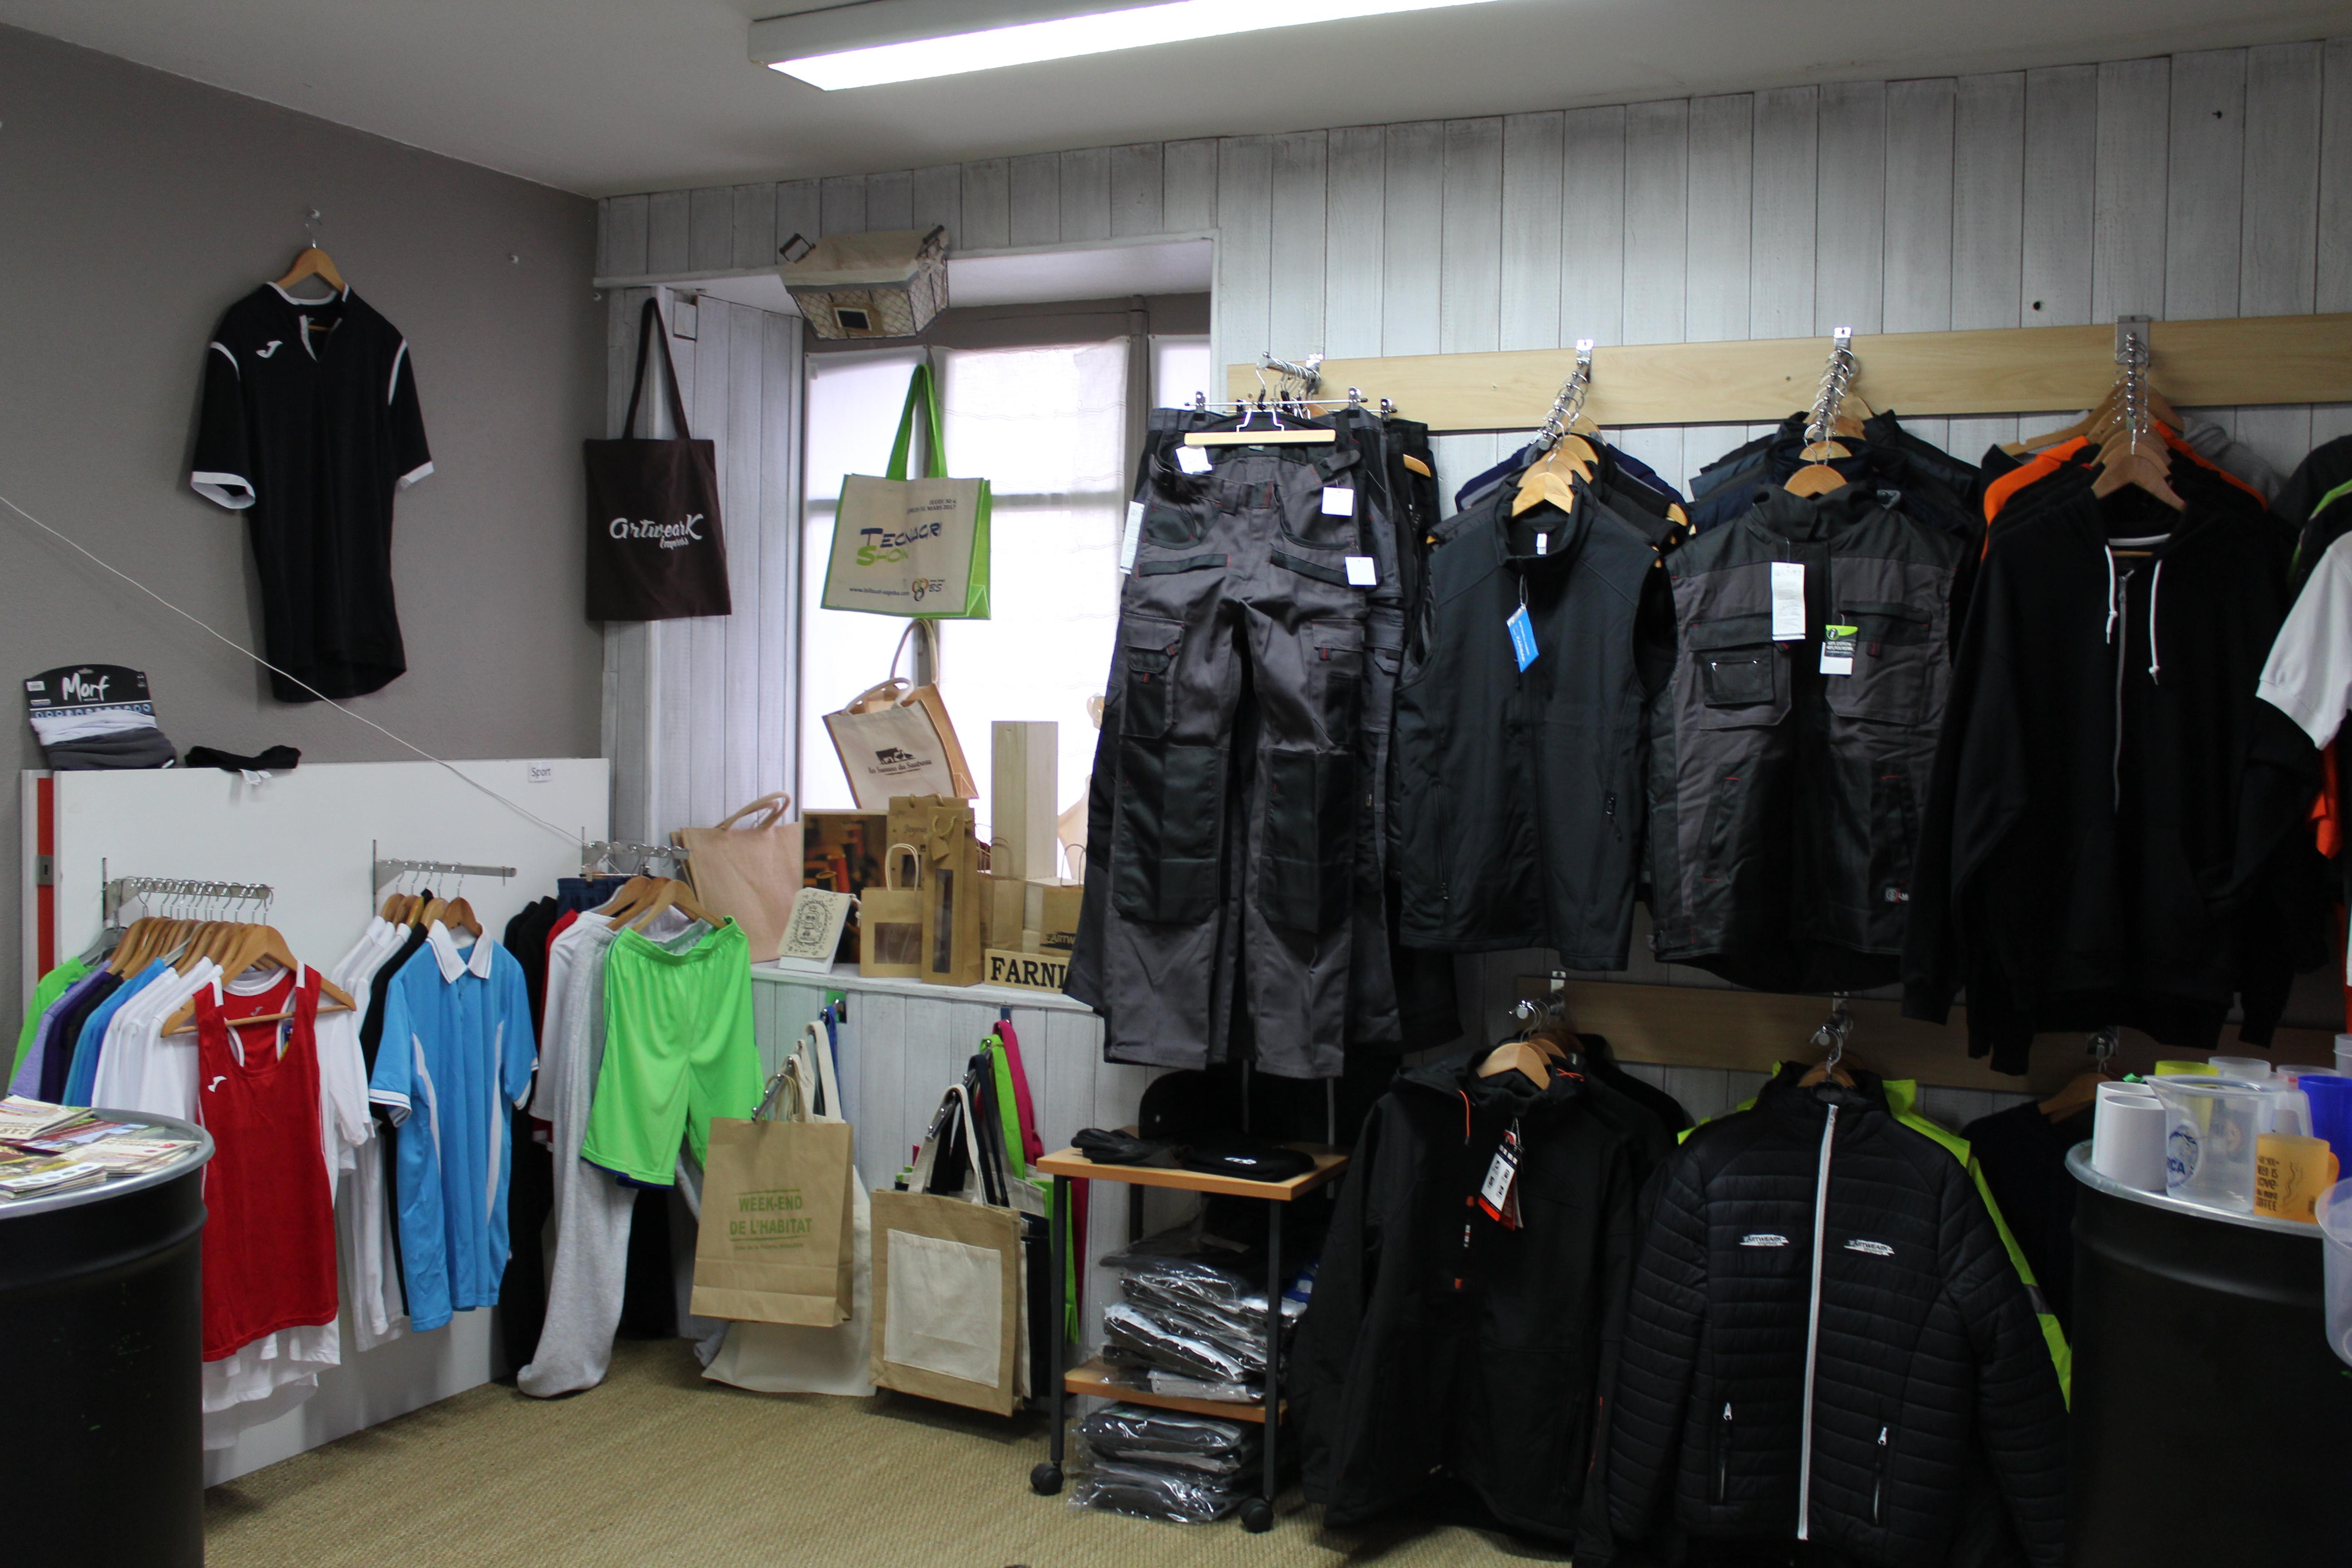 showroom de vêtements et accessoires personnalisables artweark-impress